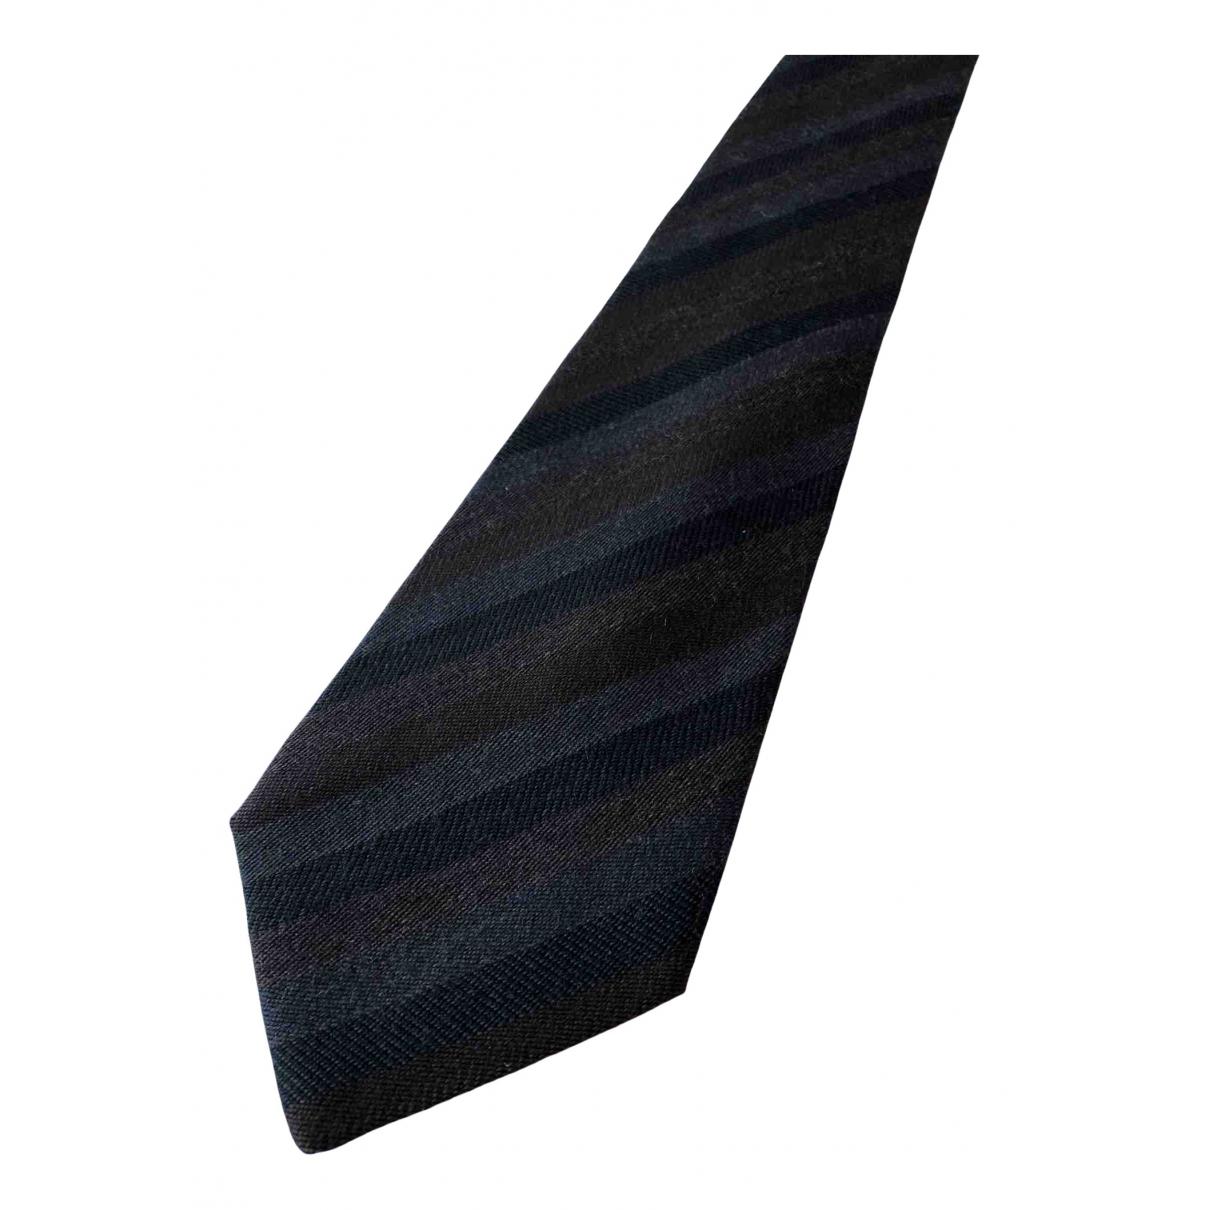 Gianni Versace - Cravates   pour homme en laine - anthracite